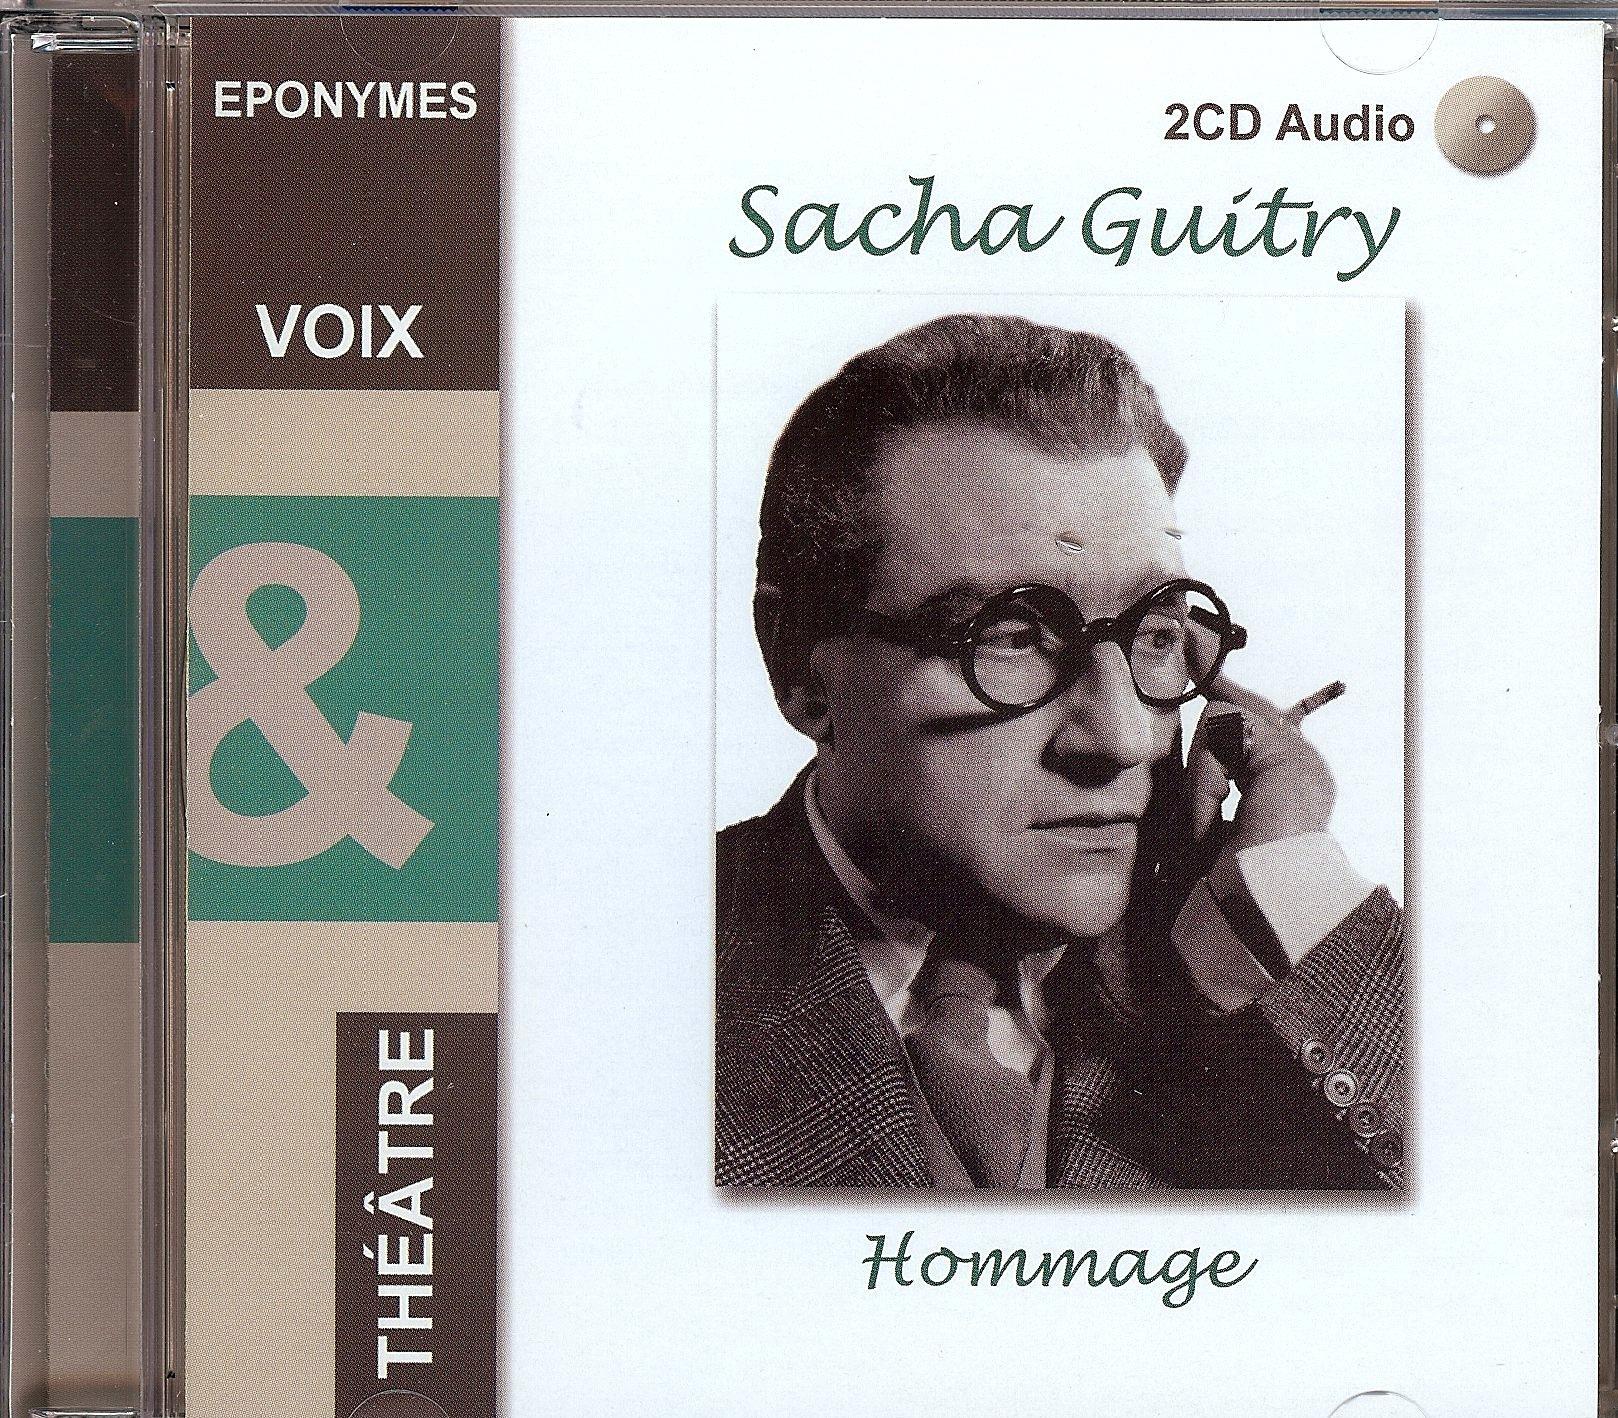 SACHA GUITRY - HOMMAGE